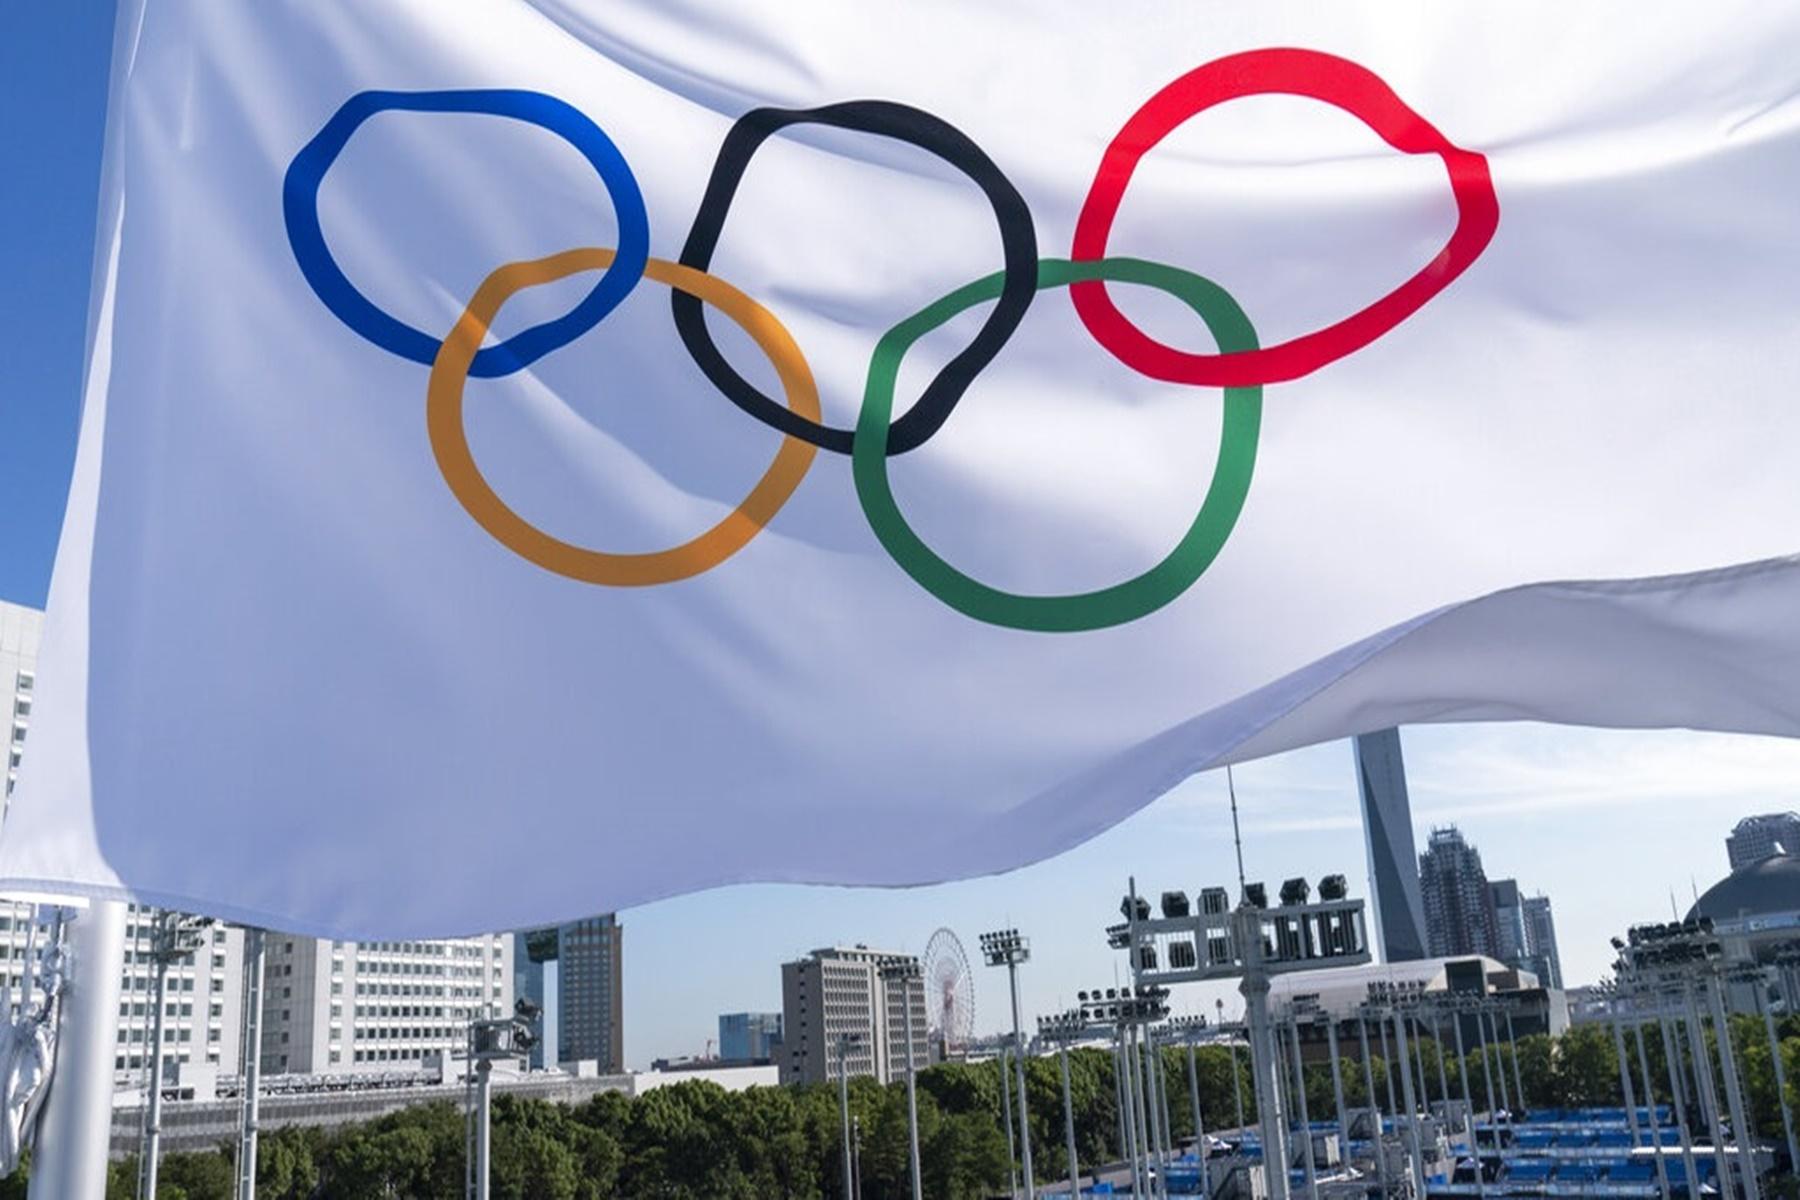 Ολυμπιακοί αγώνες Τόκιο : Το Σάββατο αγωνίζονται Έλληνες αθλητές